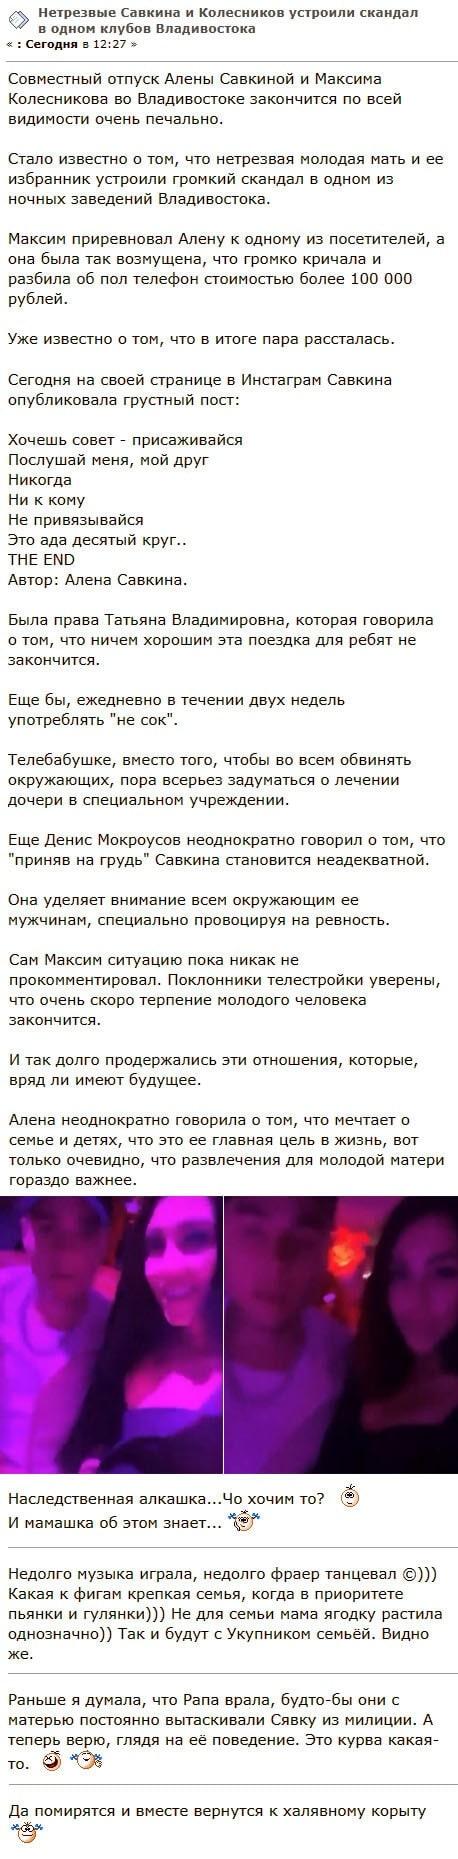 Алена Савкина в ночном клубе рассталась с Максимом Колесниковым